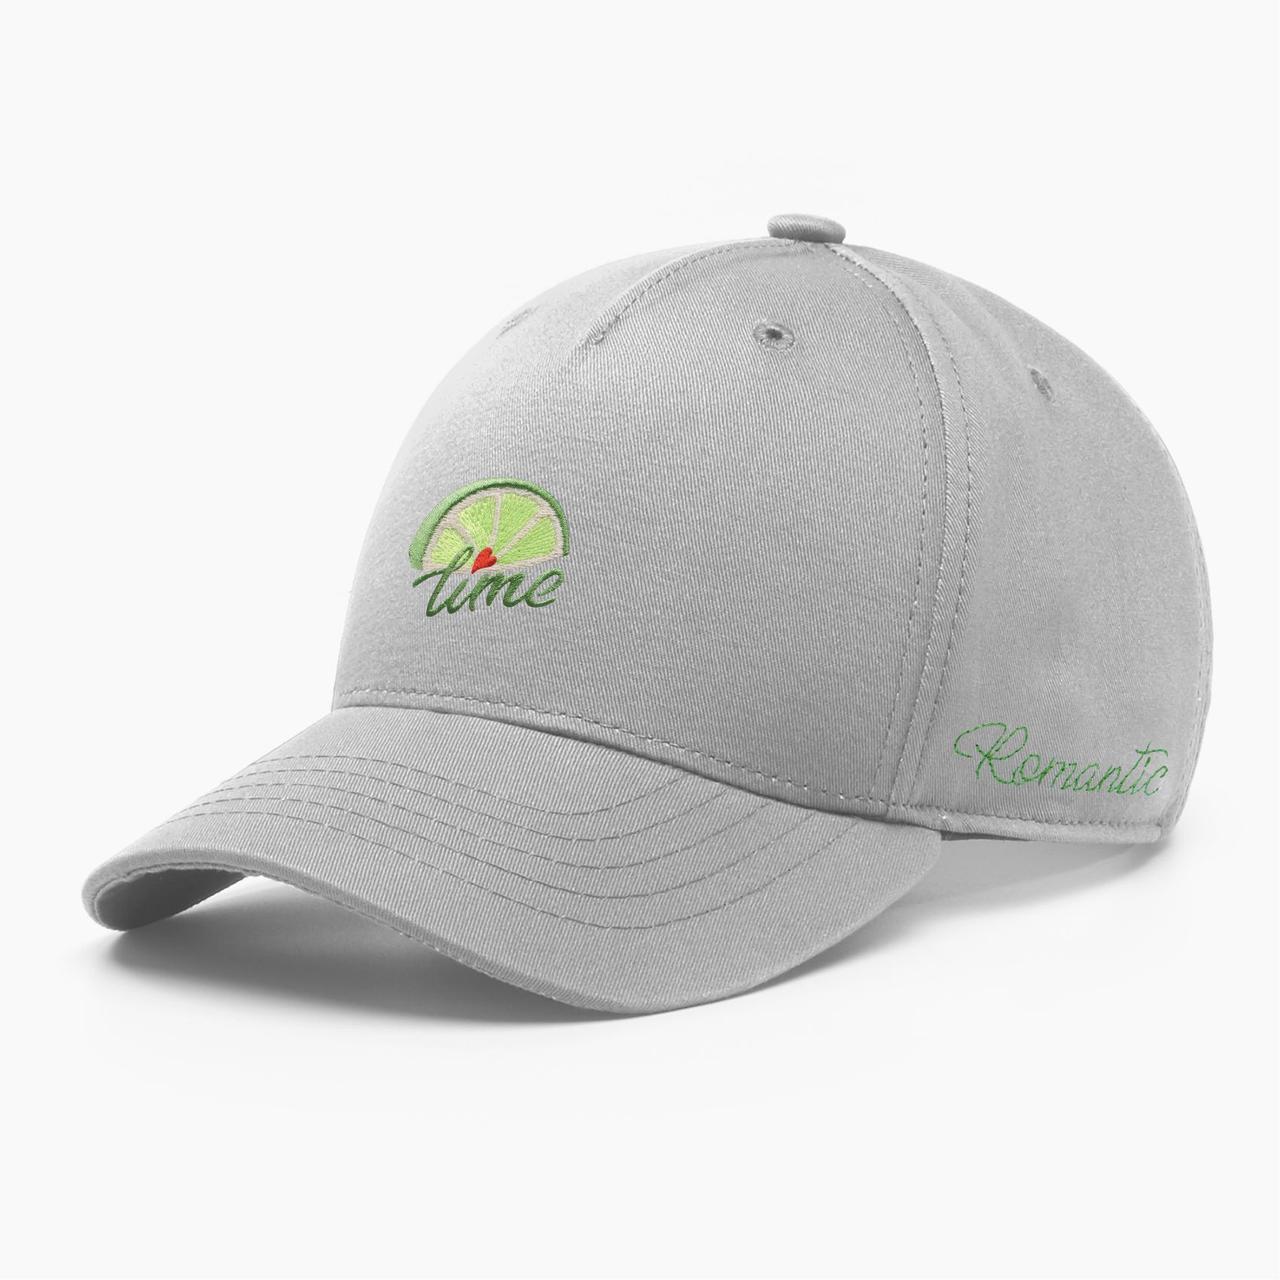 Женская кепка бейсболка INAL лайм S / 53-54 RU Серый 285453